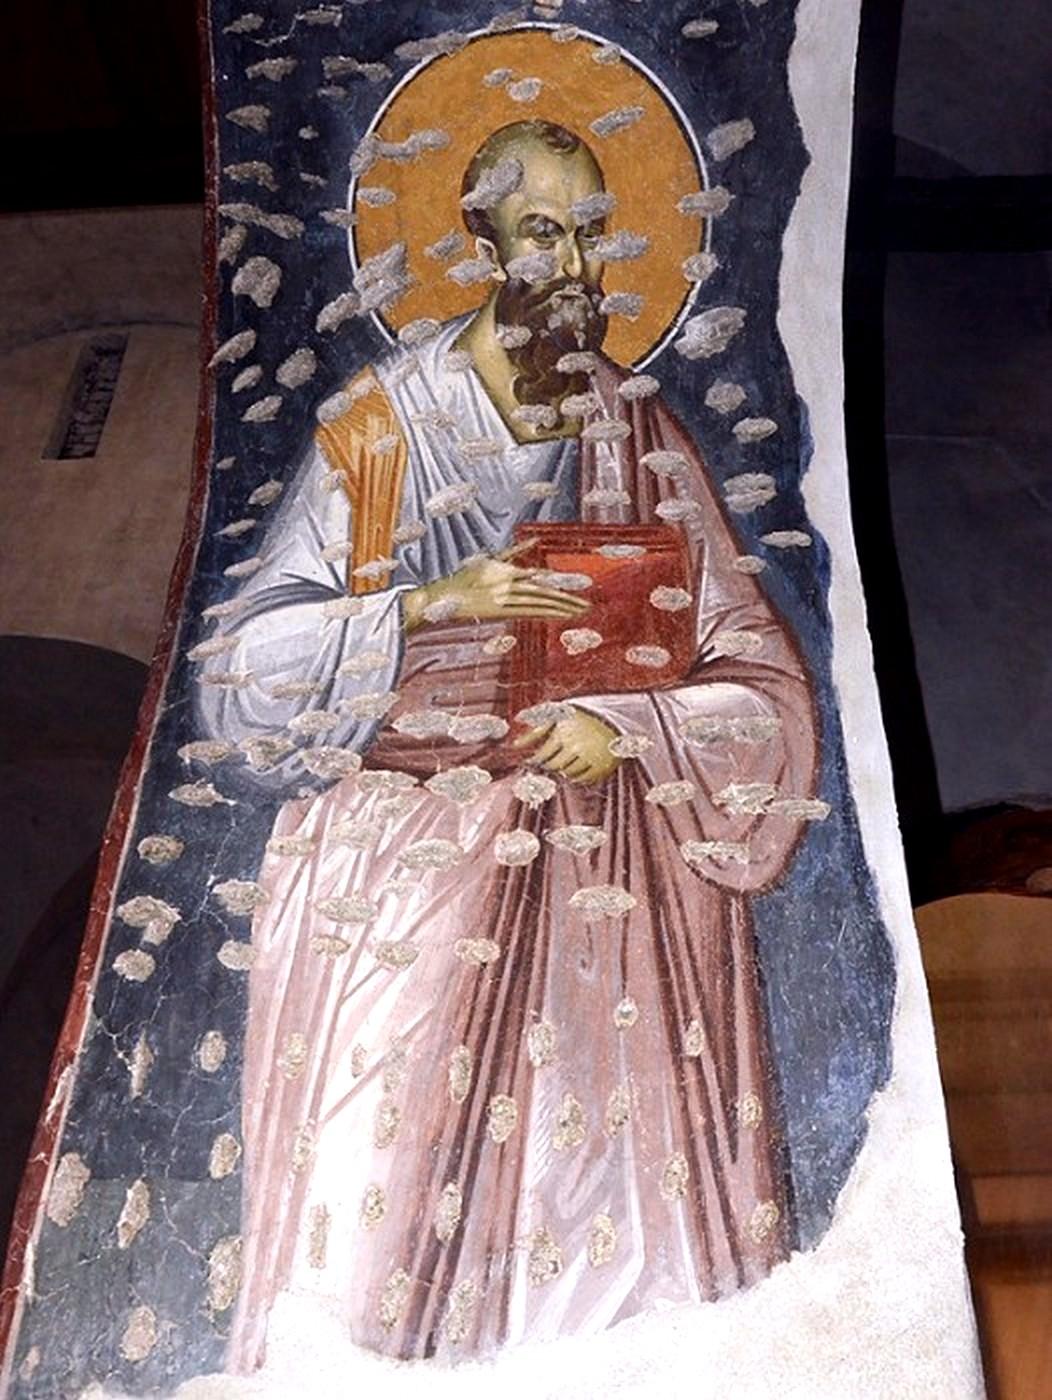 Святой Апостол Павел. Фреска церкви Богородицы Левишки в Призрене, Косово, Сербия. 1310 - 1313 годы. Иконописец Михаил Астрапа.